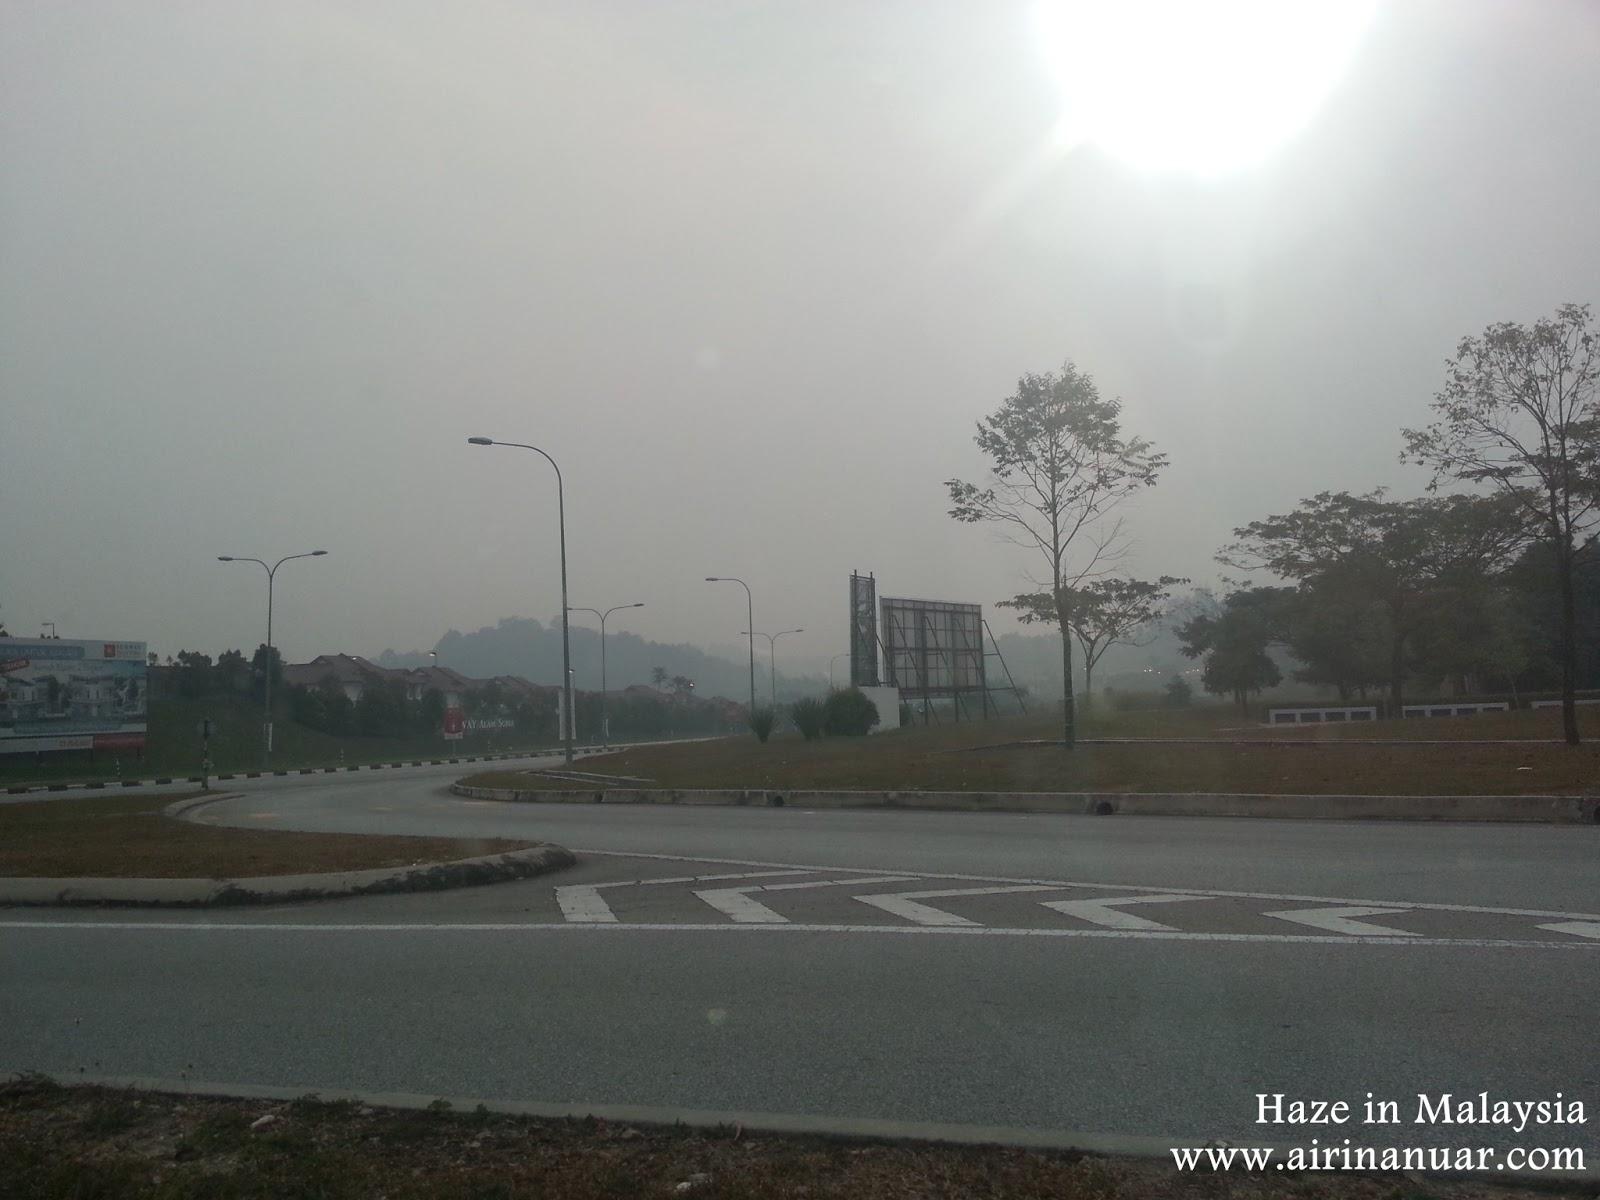 jerebu in malaysia Fenomena jerebu merupakan fenomena yang tidak asing lagi dan sering berlaku di semenanjung malaysia jerebu adalah partikal-partikal atau zarah-zarah halus seperti.